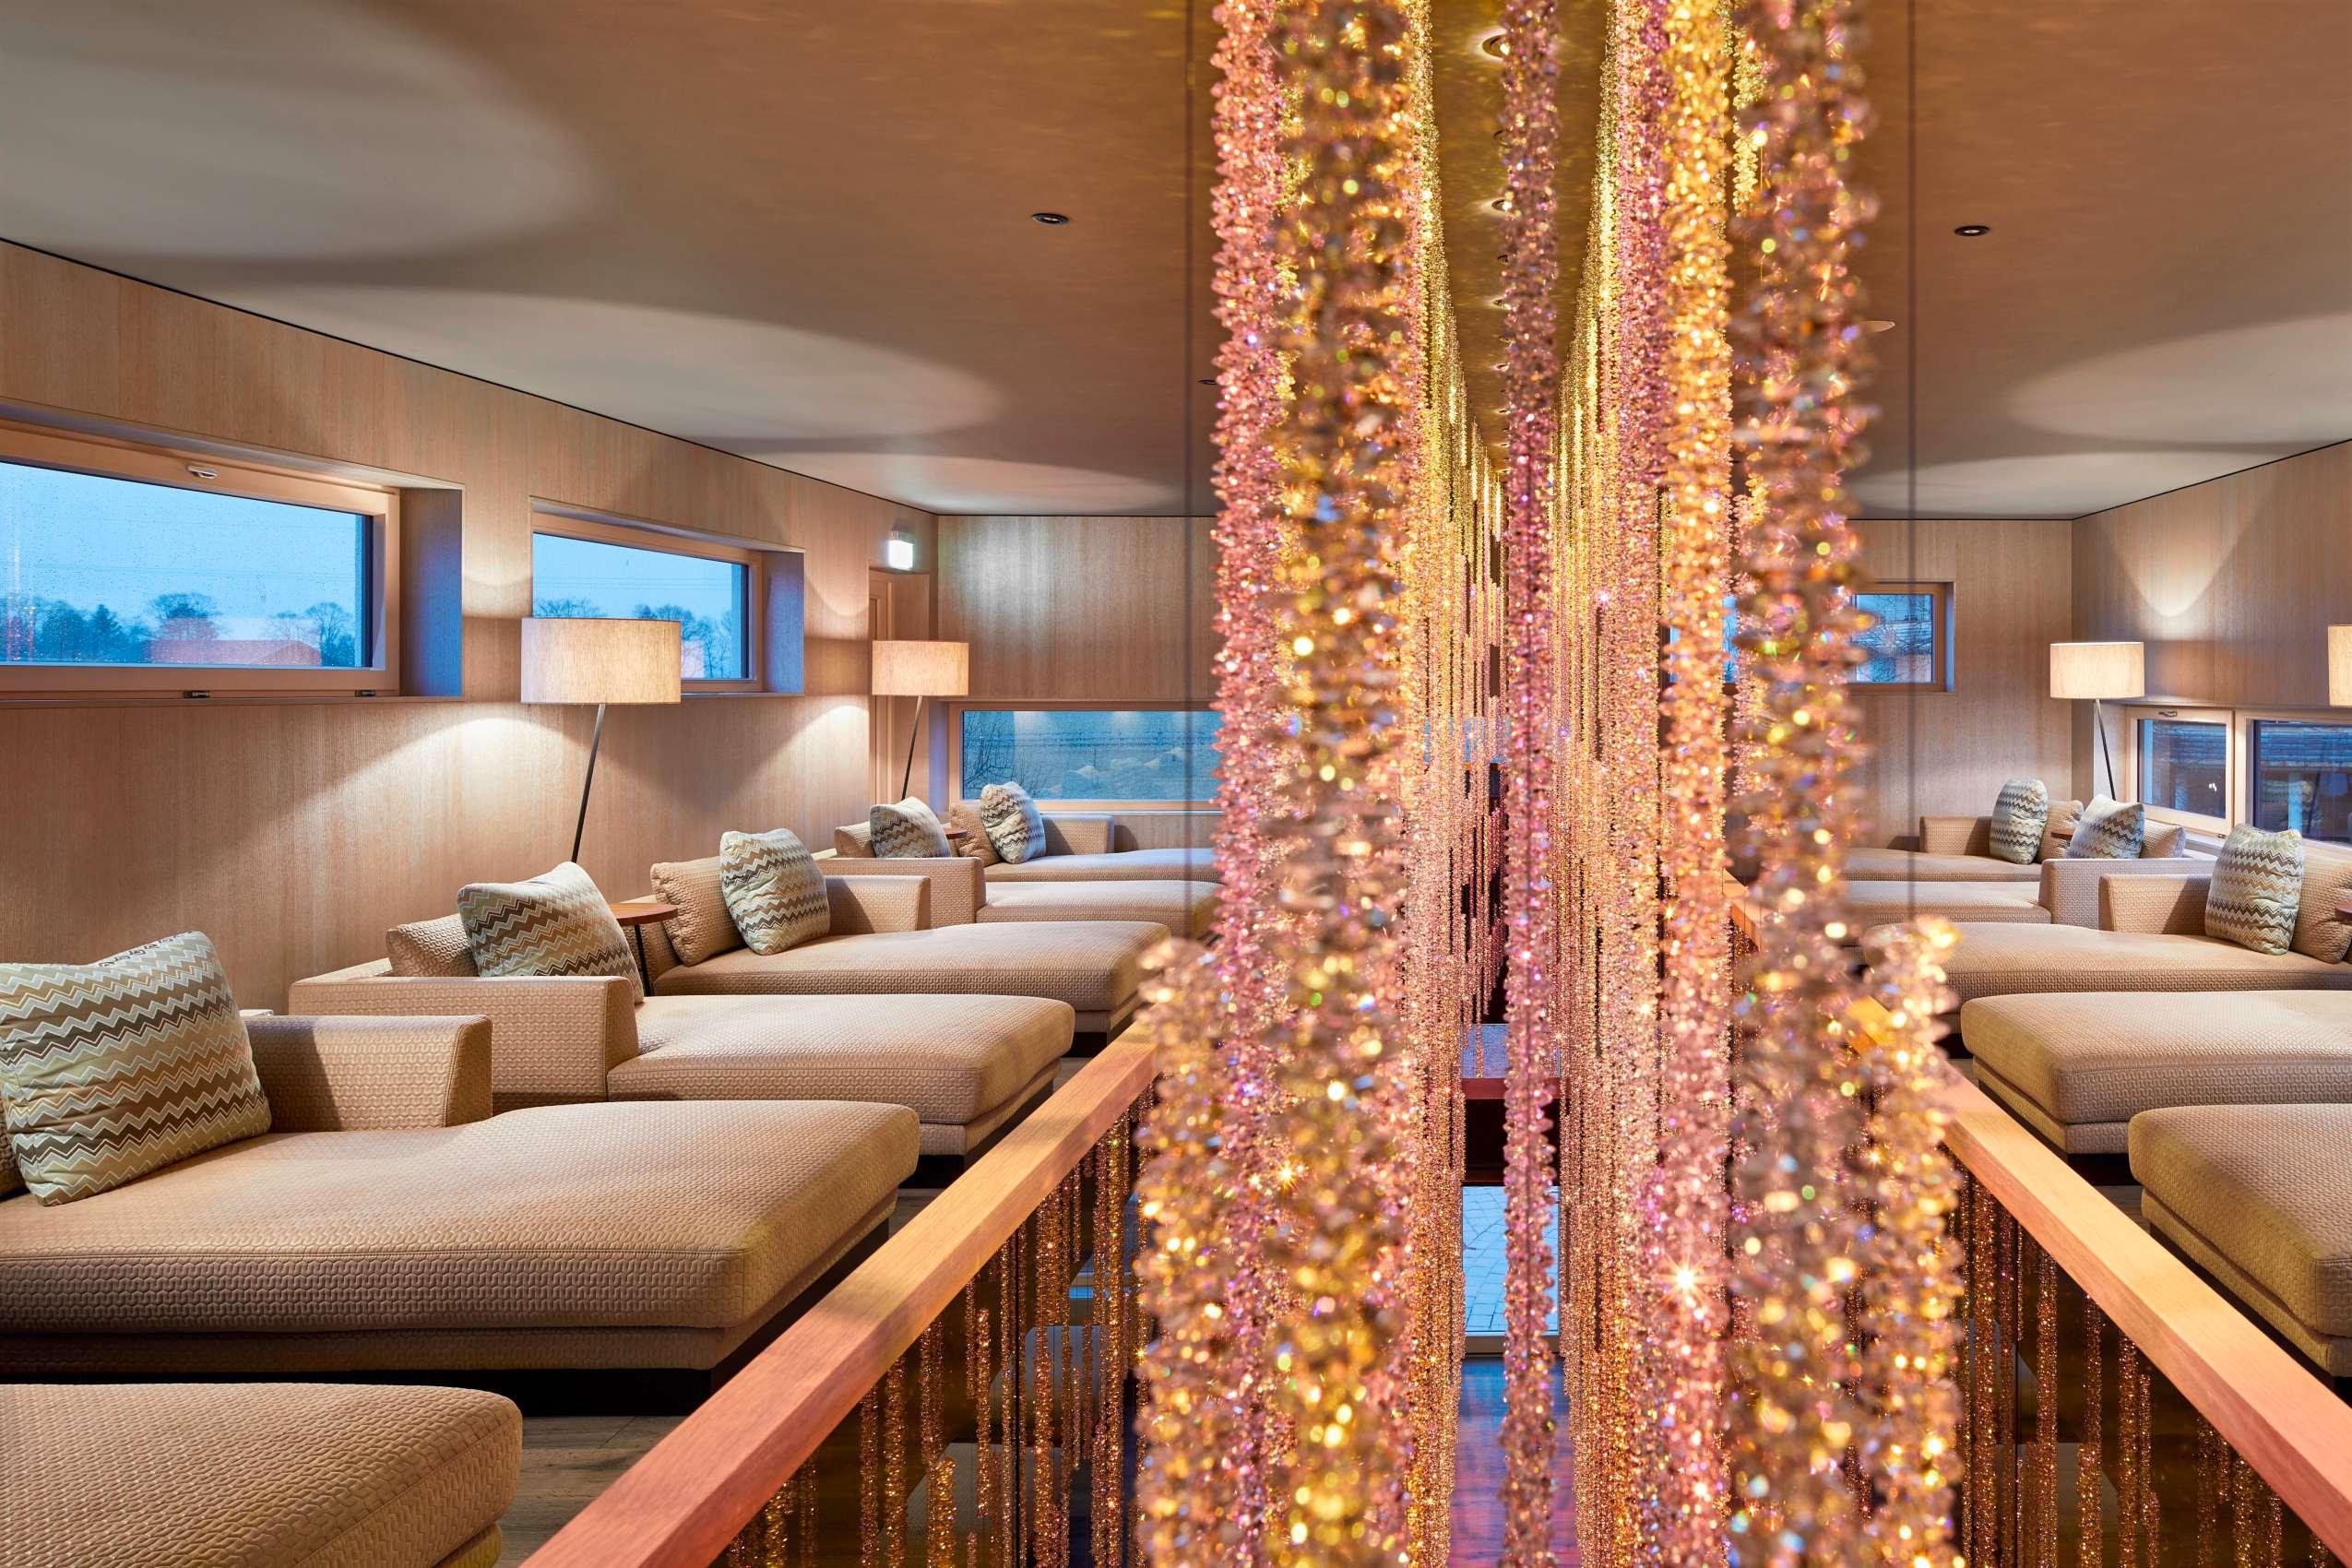 Loungebereich mit Sitzgarnituren in Creme-Tönen im König Ludwig Resort & Spa.